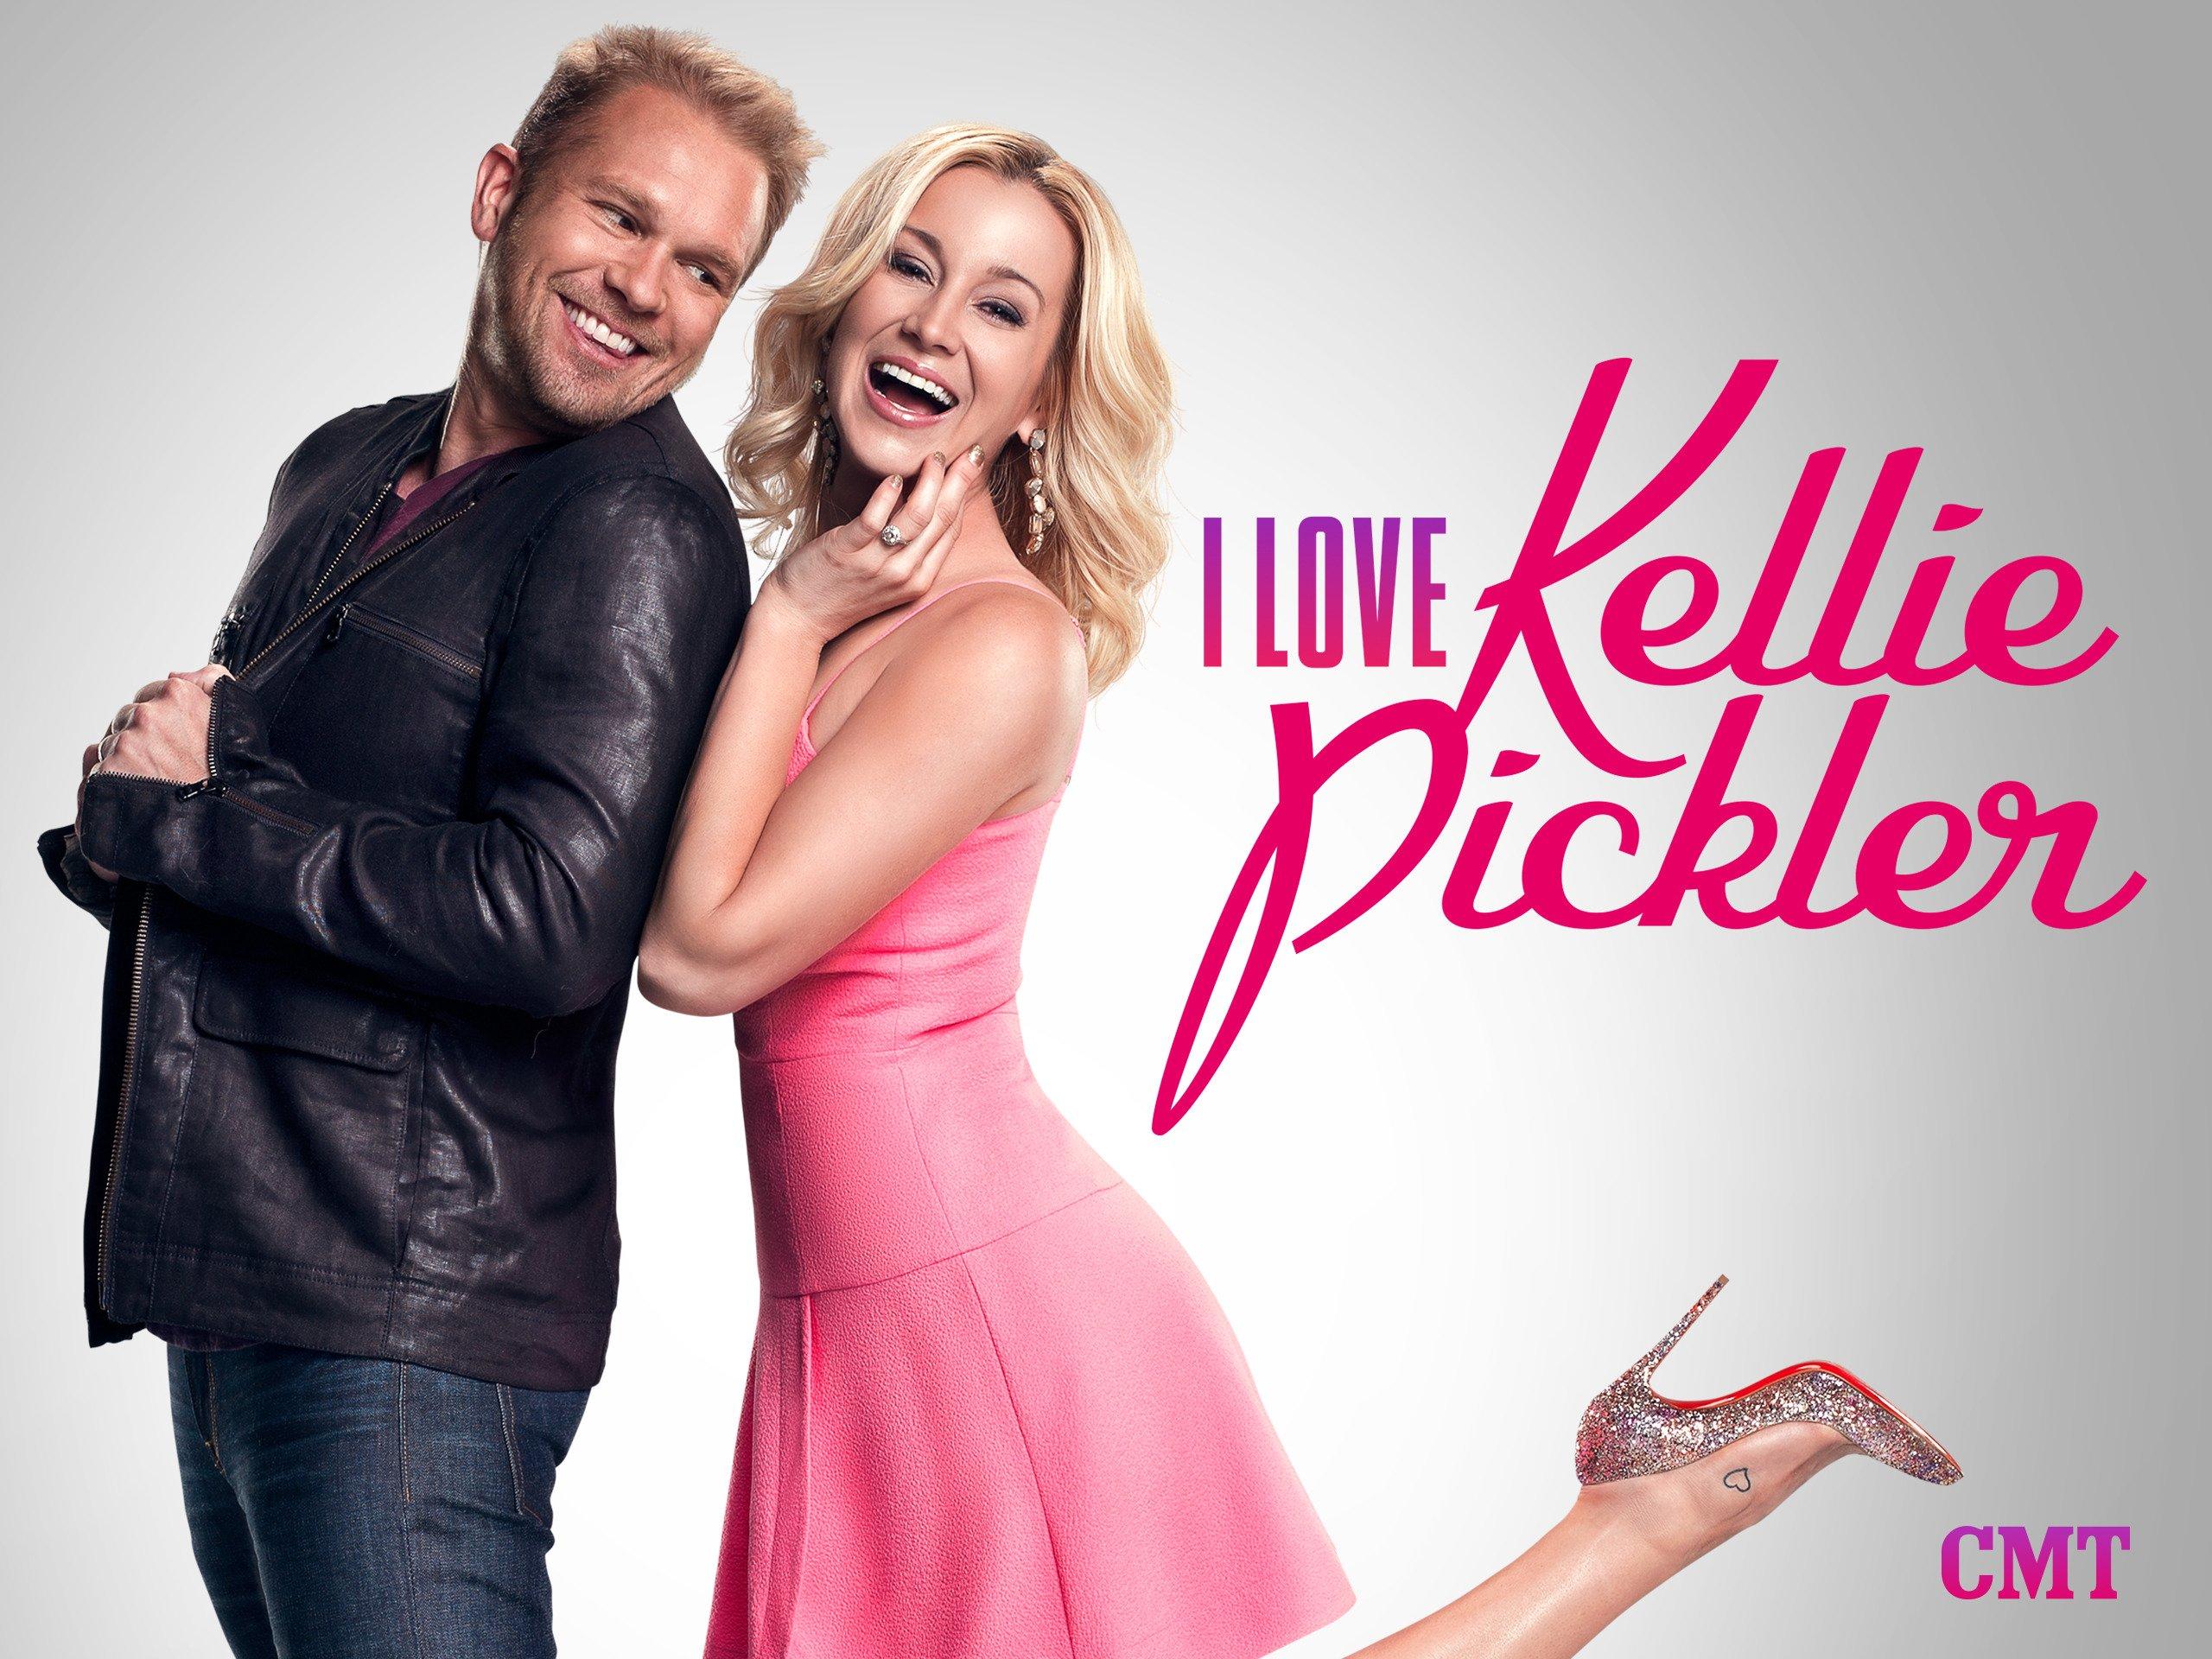 Amazon i love kellie pickler cmt m4hsunfo